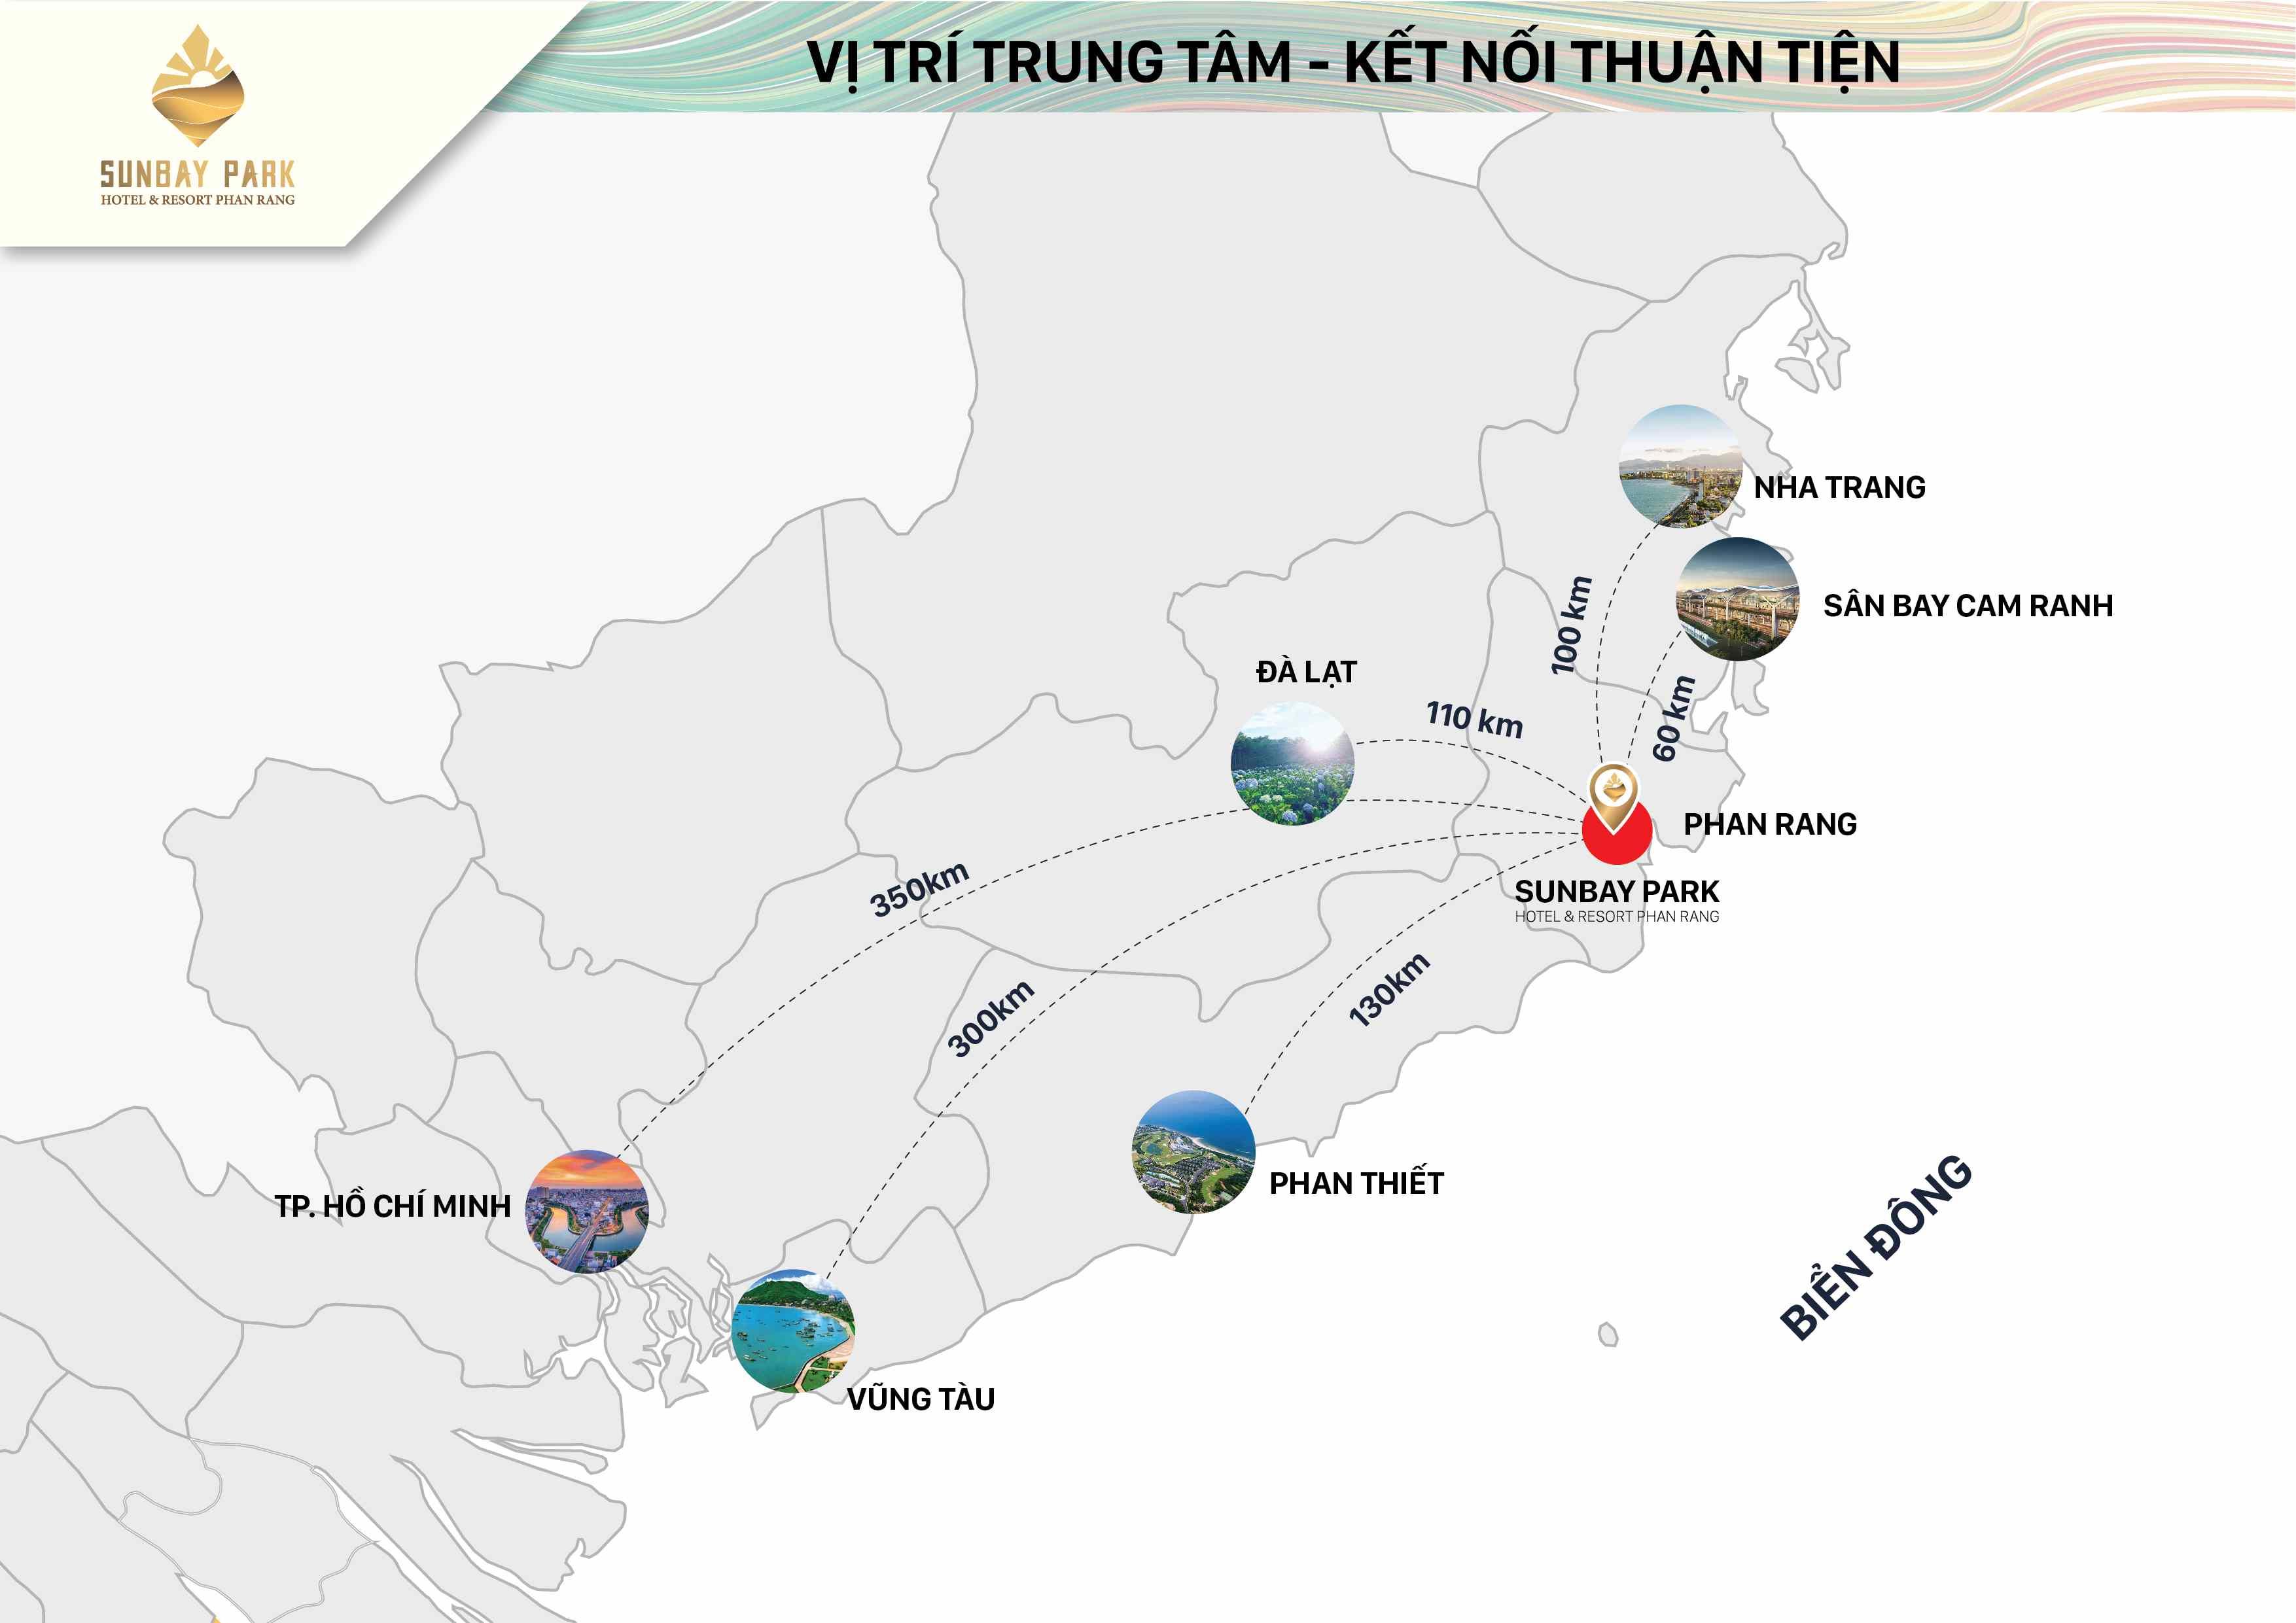 Bản đồ vị trí dự án Sunbay Park Phan Rang Ninh Thuận